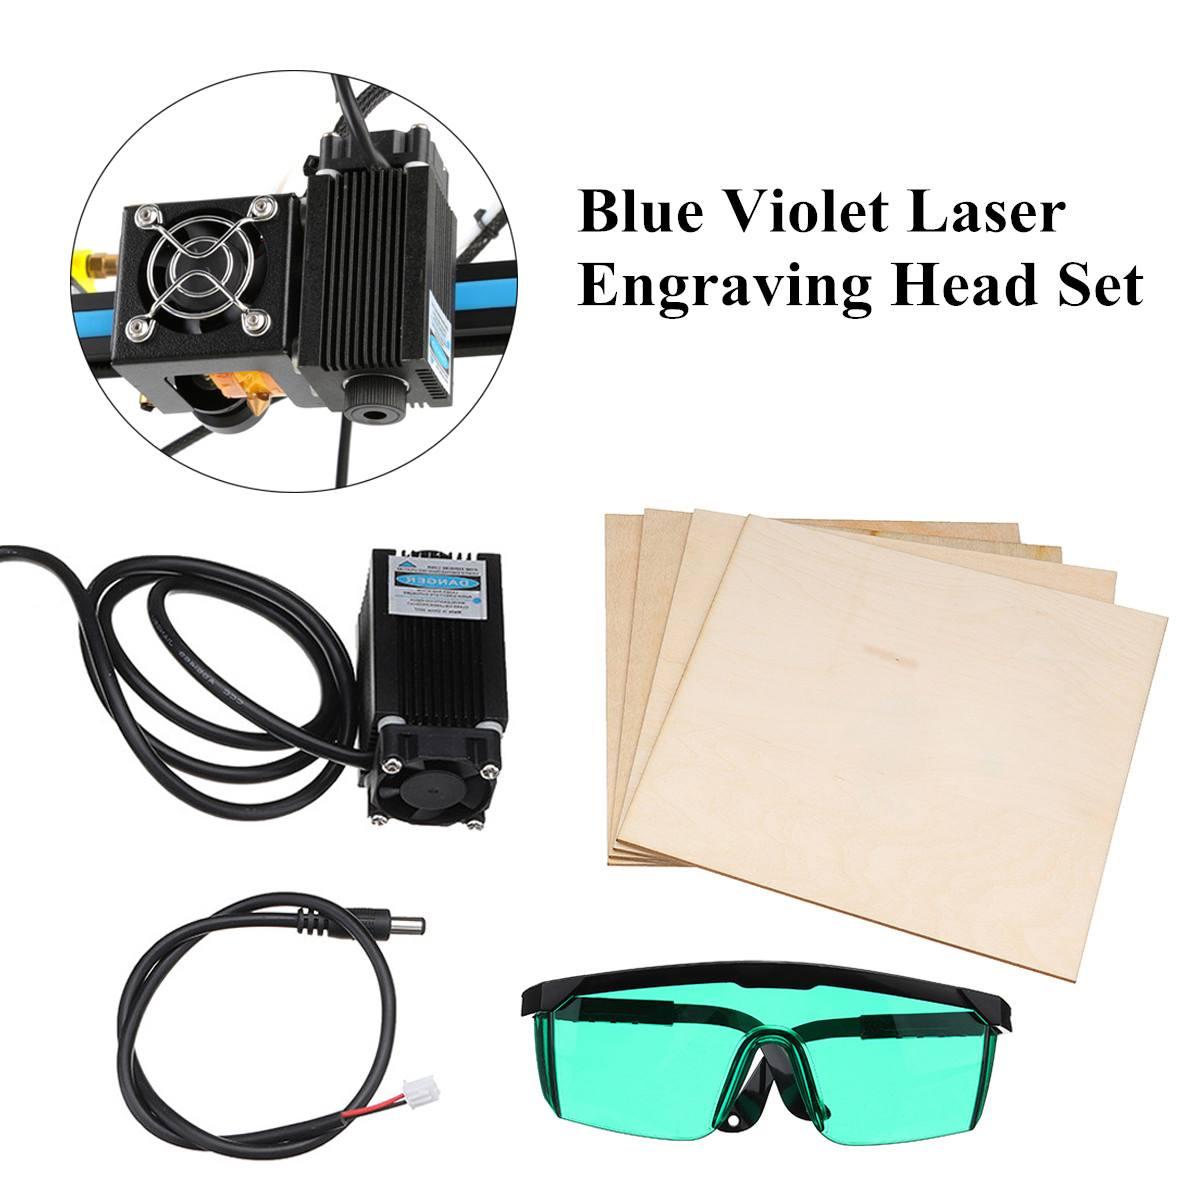 12V Blue Violet Laser Engraving Head Set With Glasses Wood Plates Module Blue Violet For Creality CR-10 CR-10S 3D Printer12V Blue Violet Laser Engraving Head Set With Glasses Wood Plates Module Blue Violet For Creality CR-10 CR-10S 3D Printer